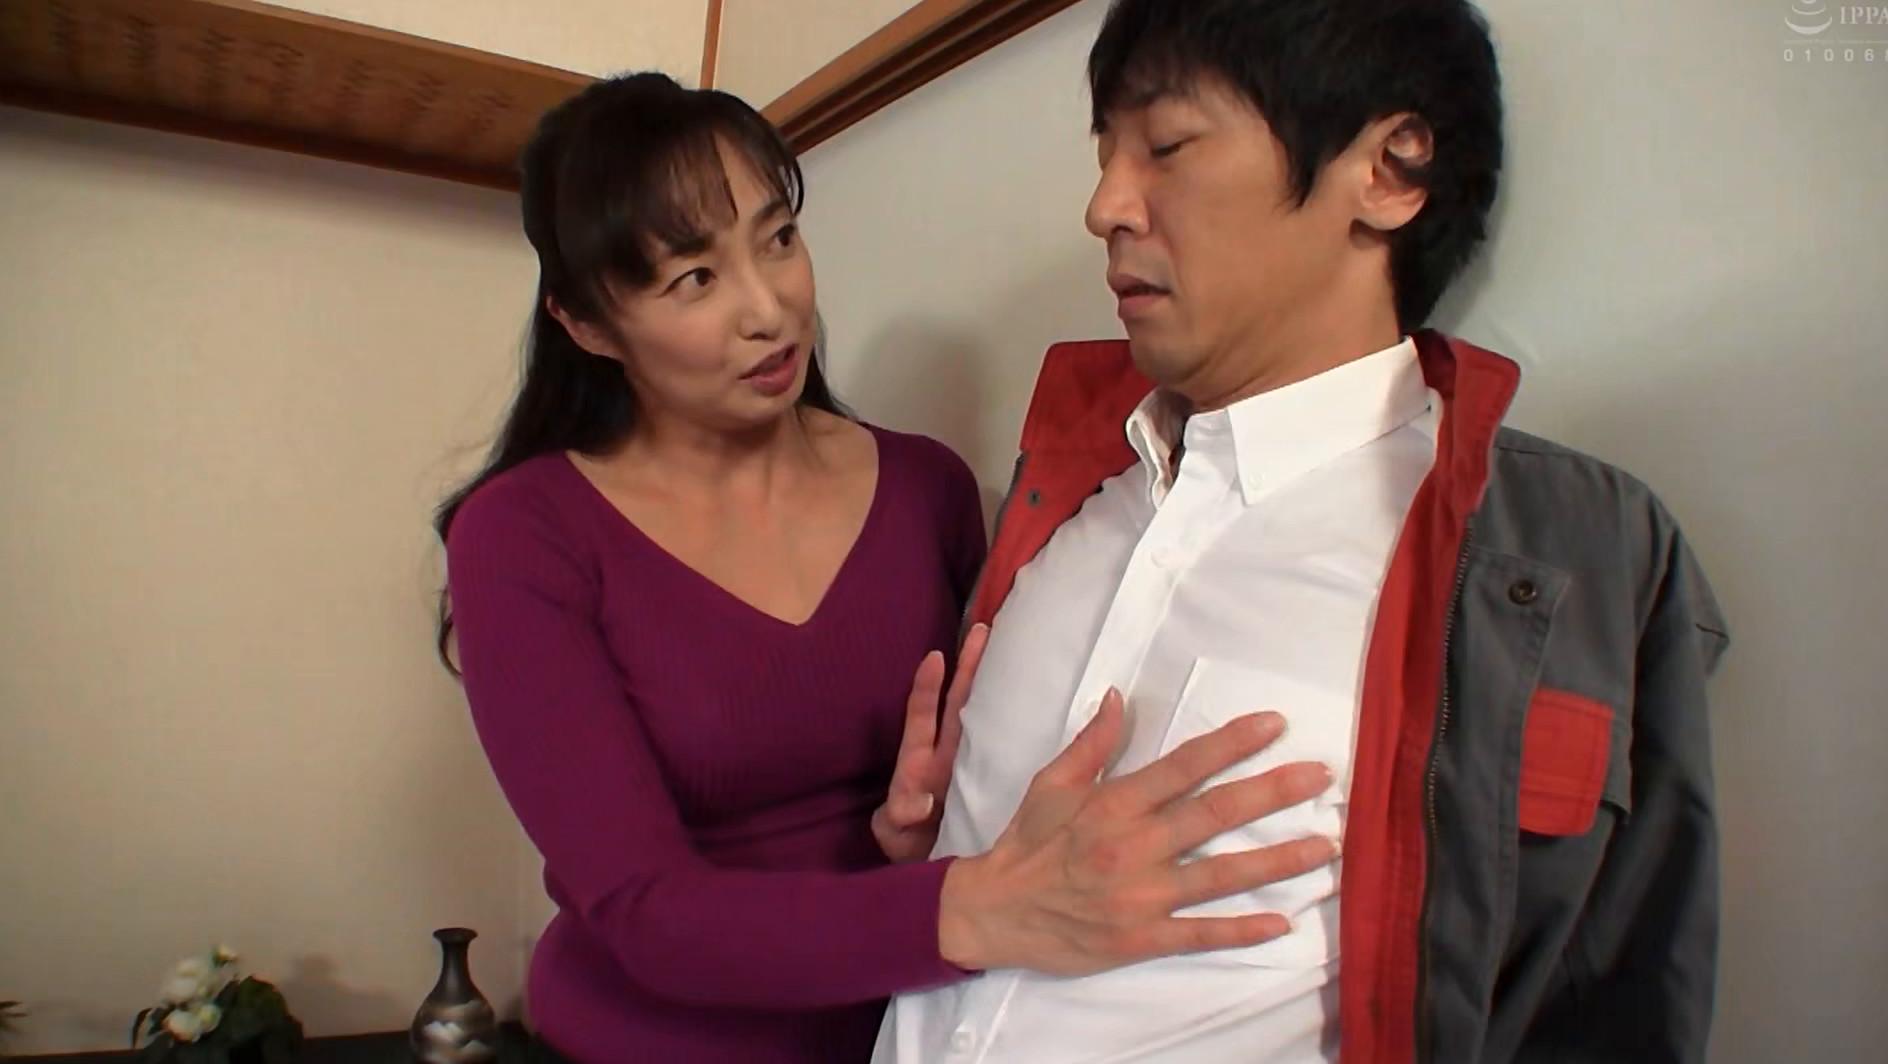 スケベな人妻が露出多目の薄着で逆ナンパ誘惑 画像10